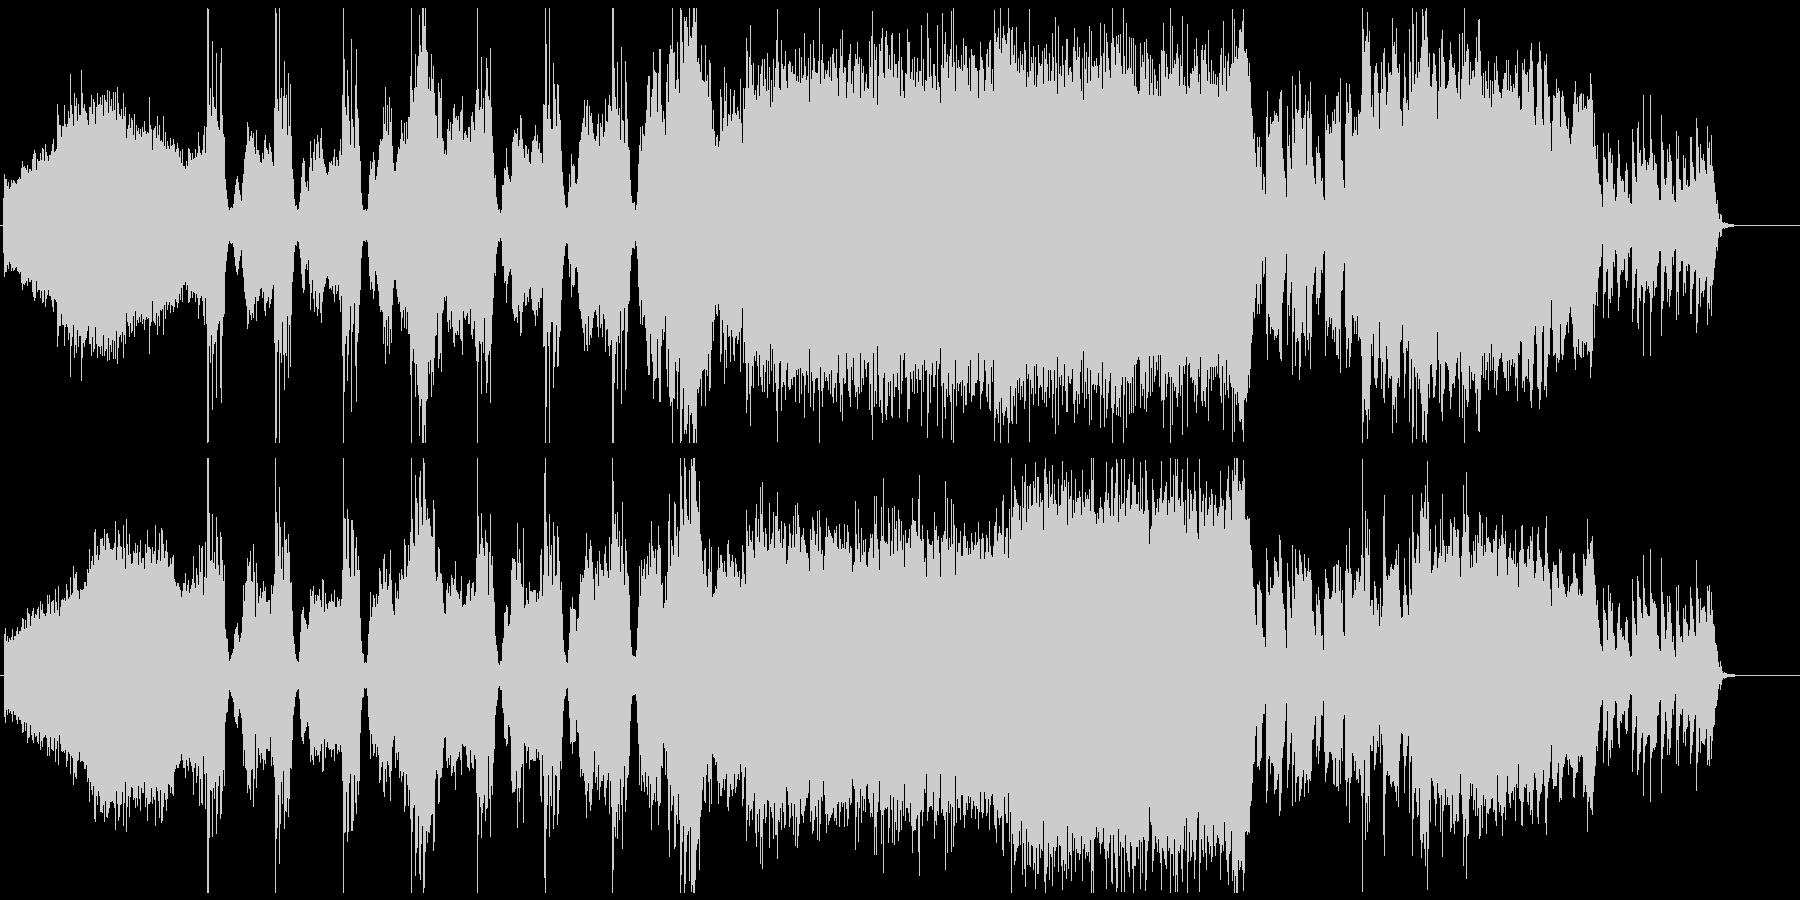 ヘビィなギターとドラム、進撃の大合唱の未再生の波形